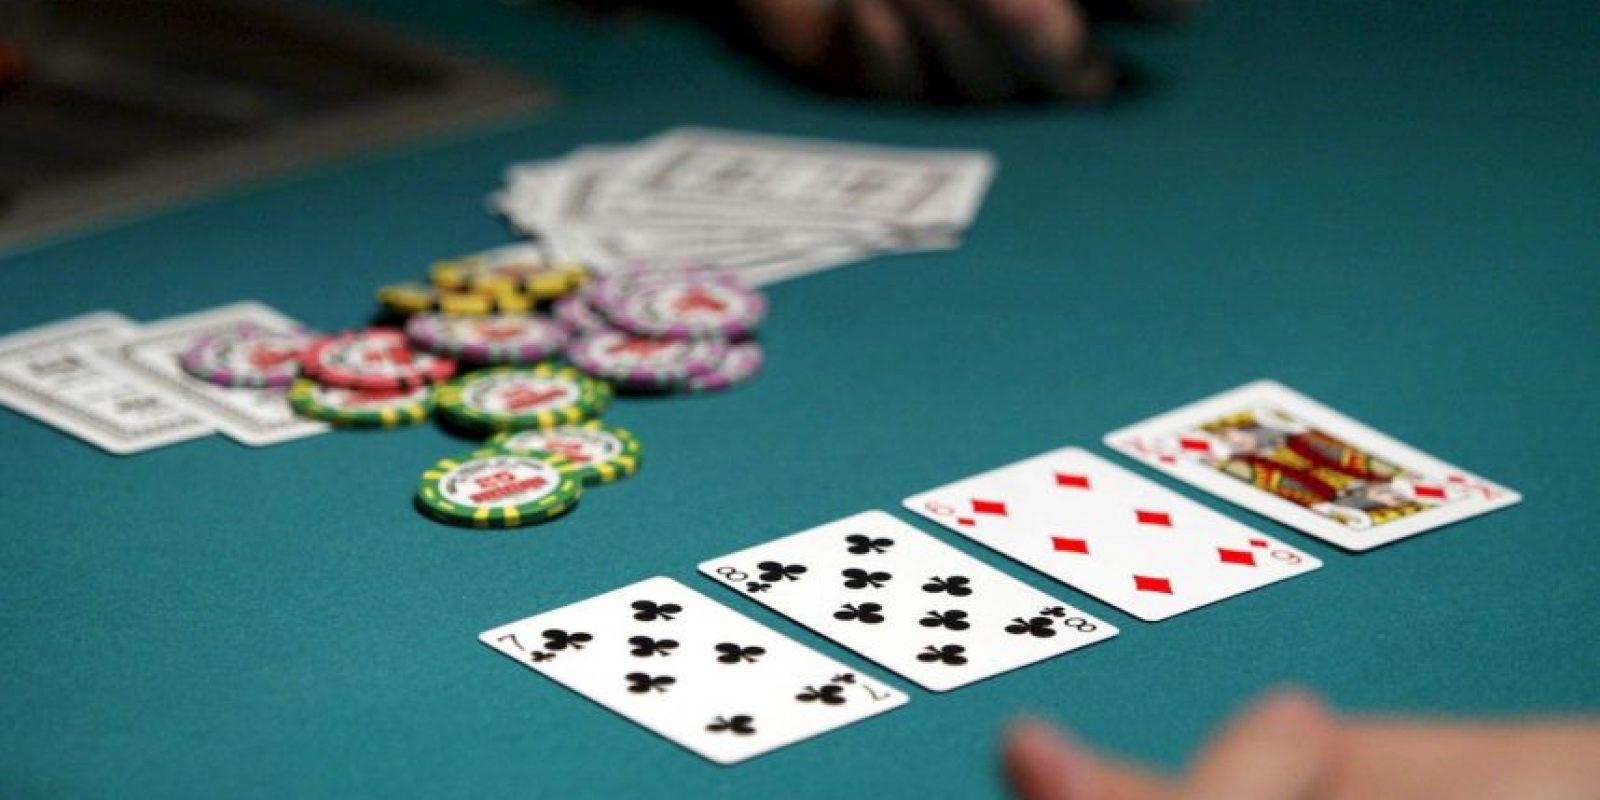 El objetivo es utilizar todas las cartas de la baraja, para construir las cuatro pilas de naipes clasificadas por pintas comenzando por los ases en orden ascendente Foto:Getty Images